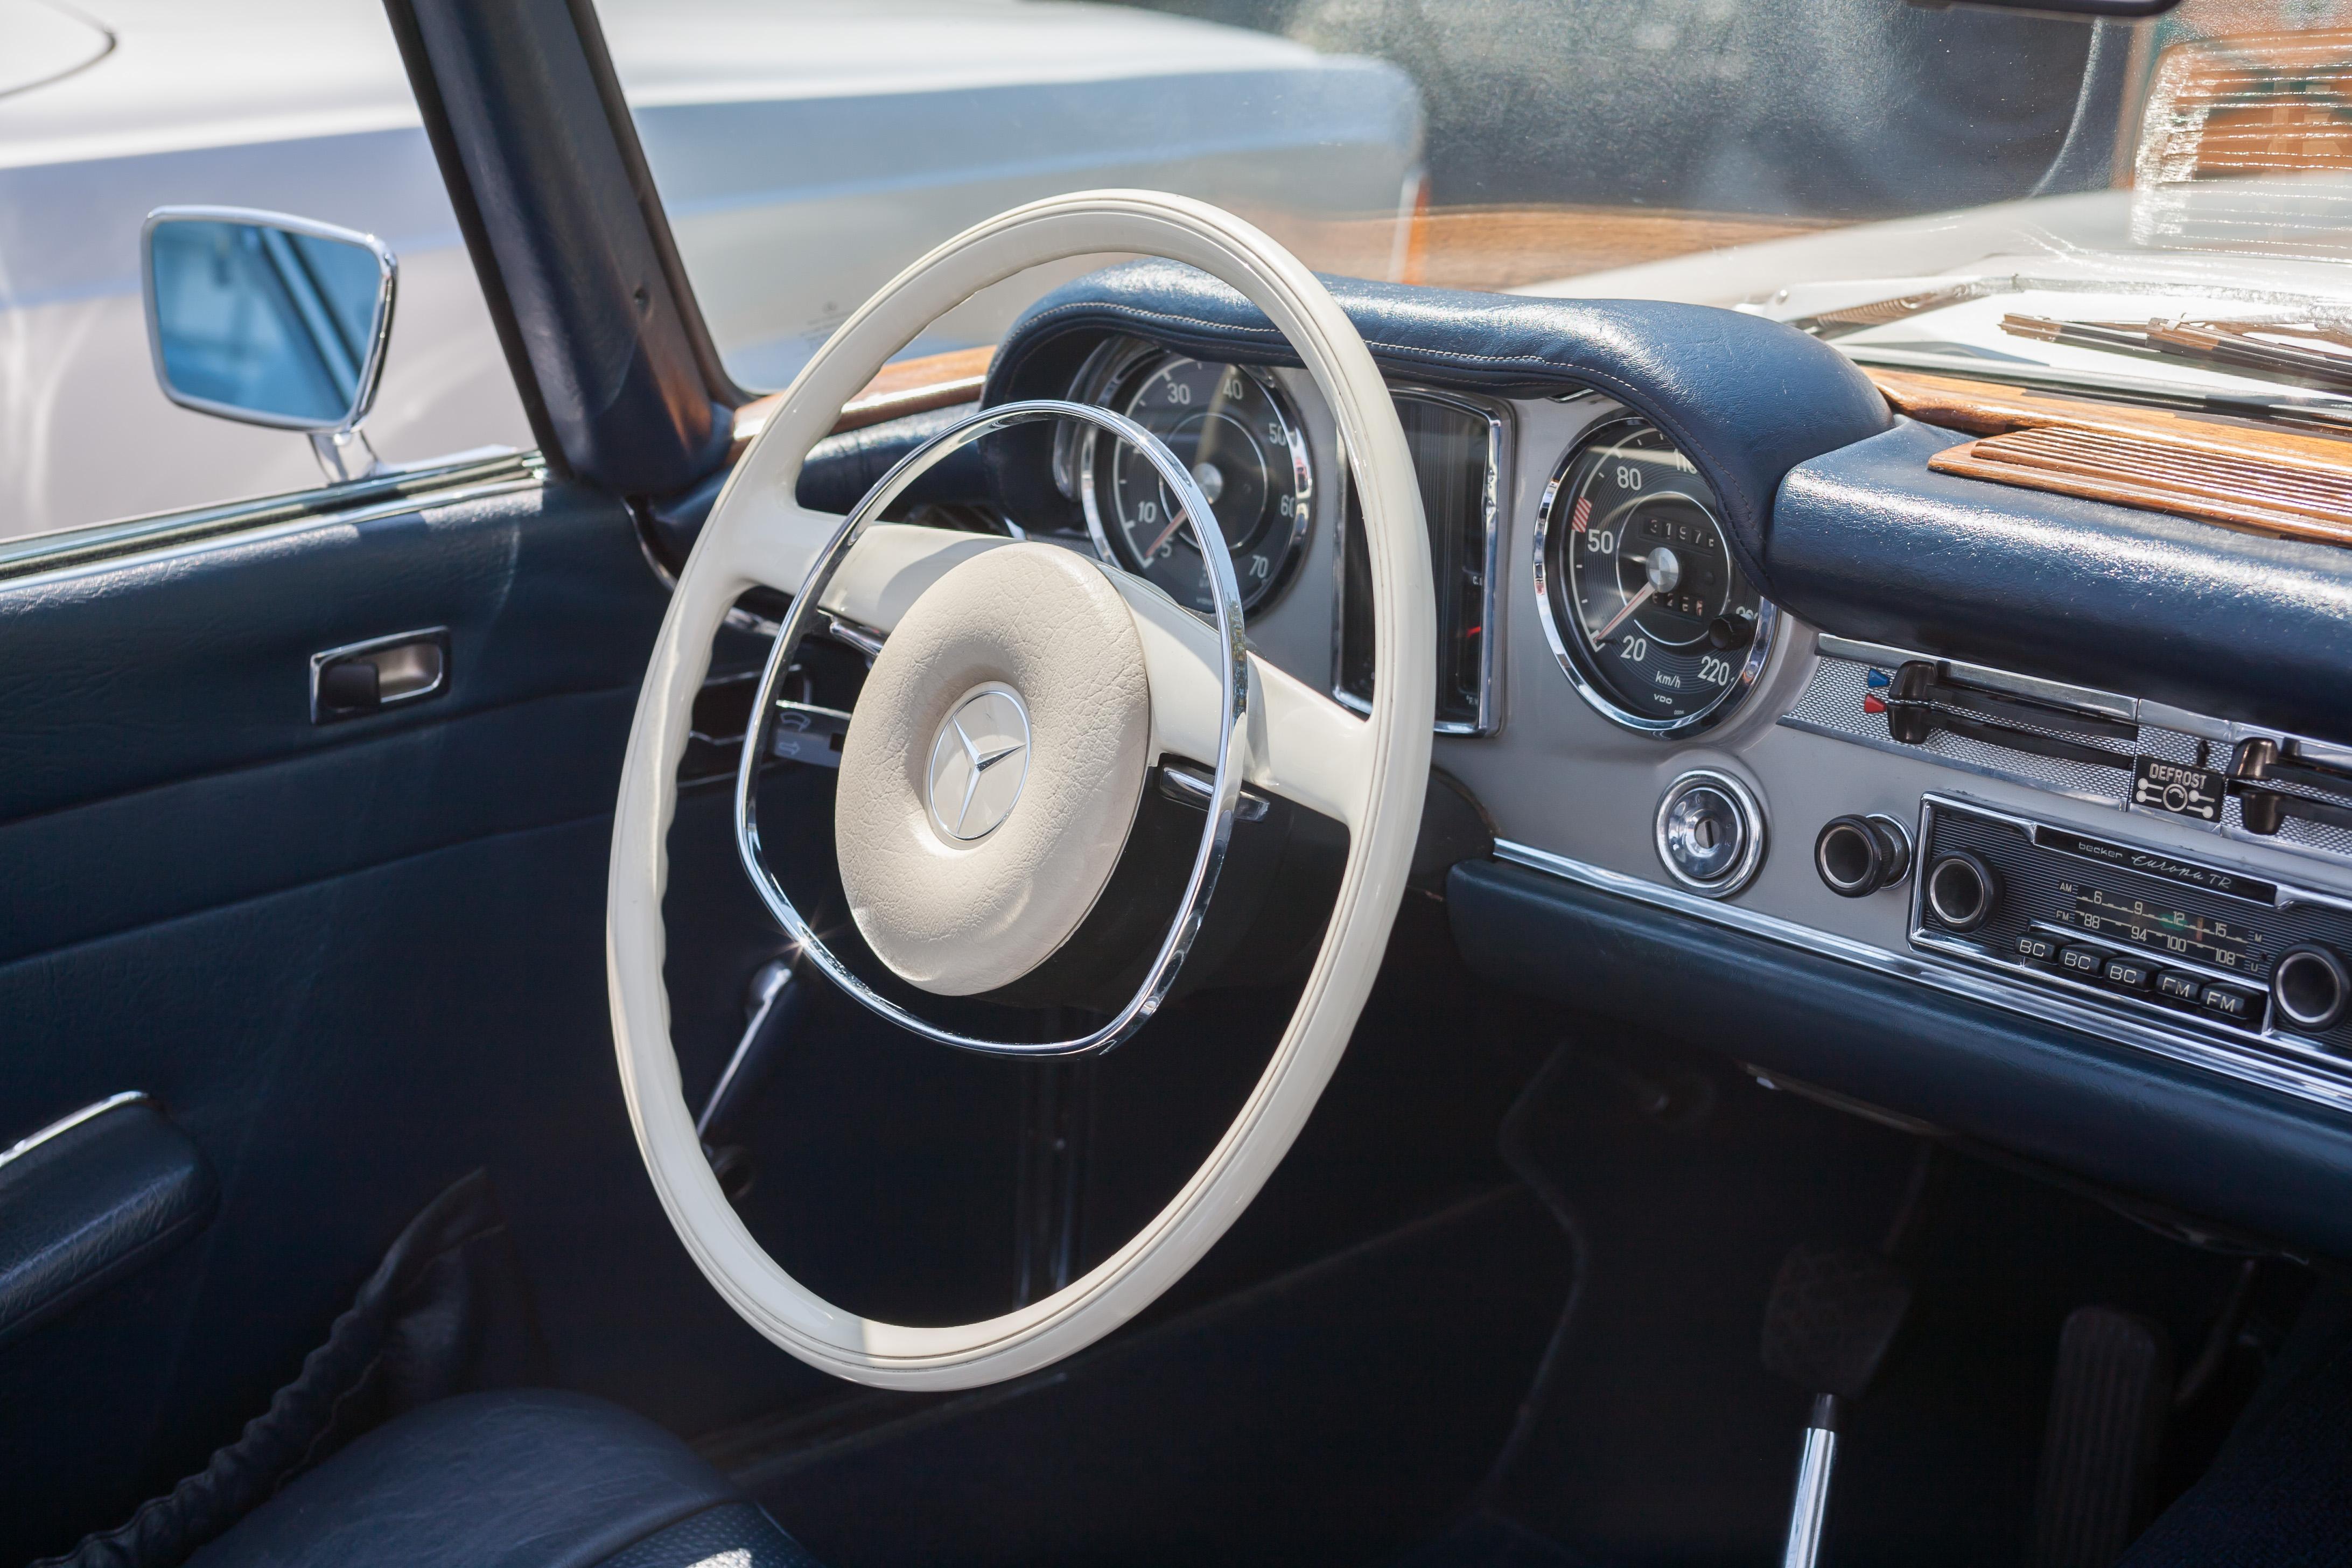 Armaturenbrett mercedes  File:2007-07-15 Lenkrad und Armaturenbrett eines Mercedes-Benz W ...